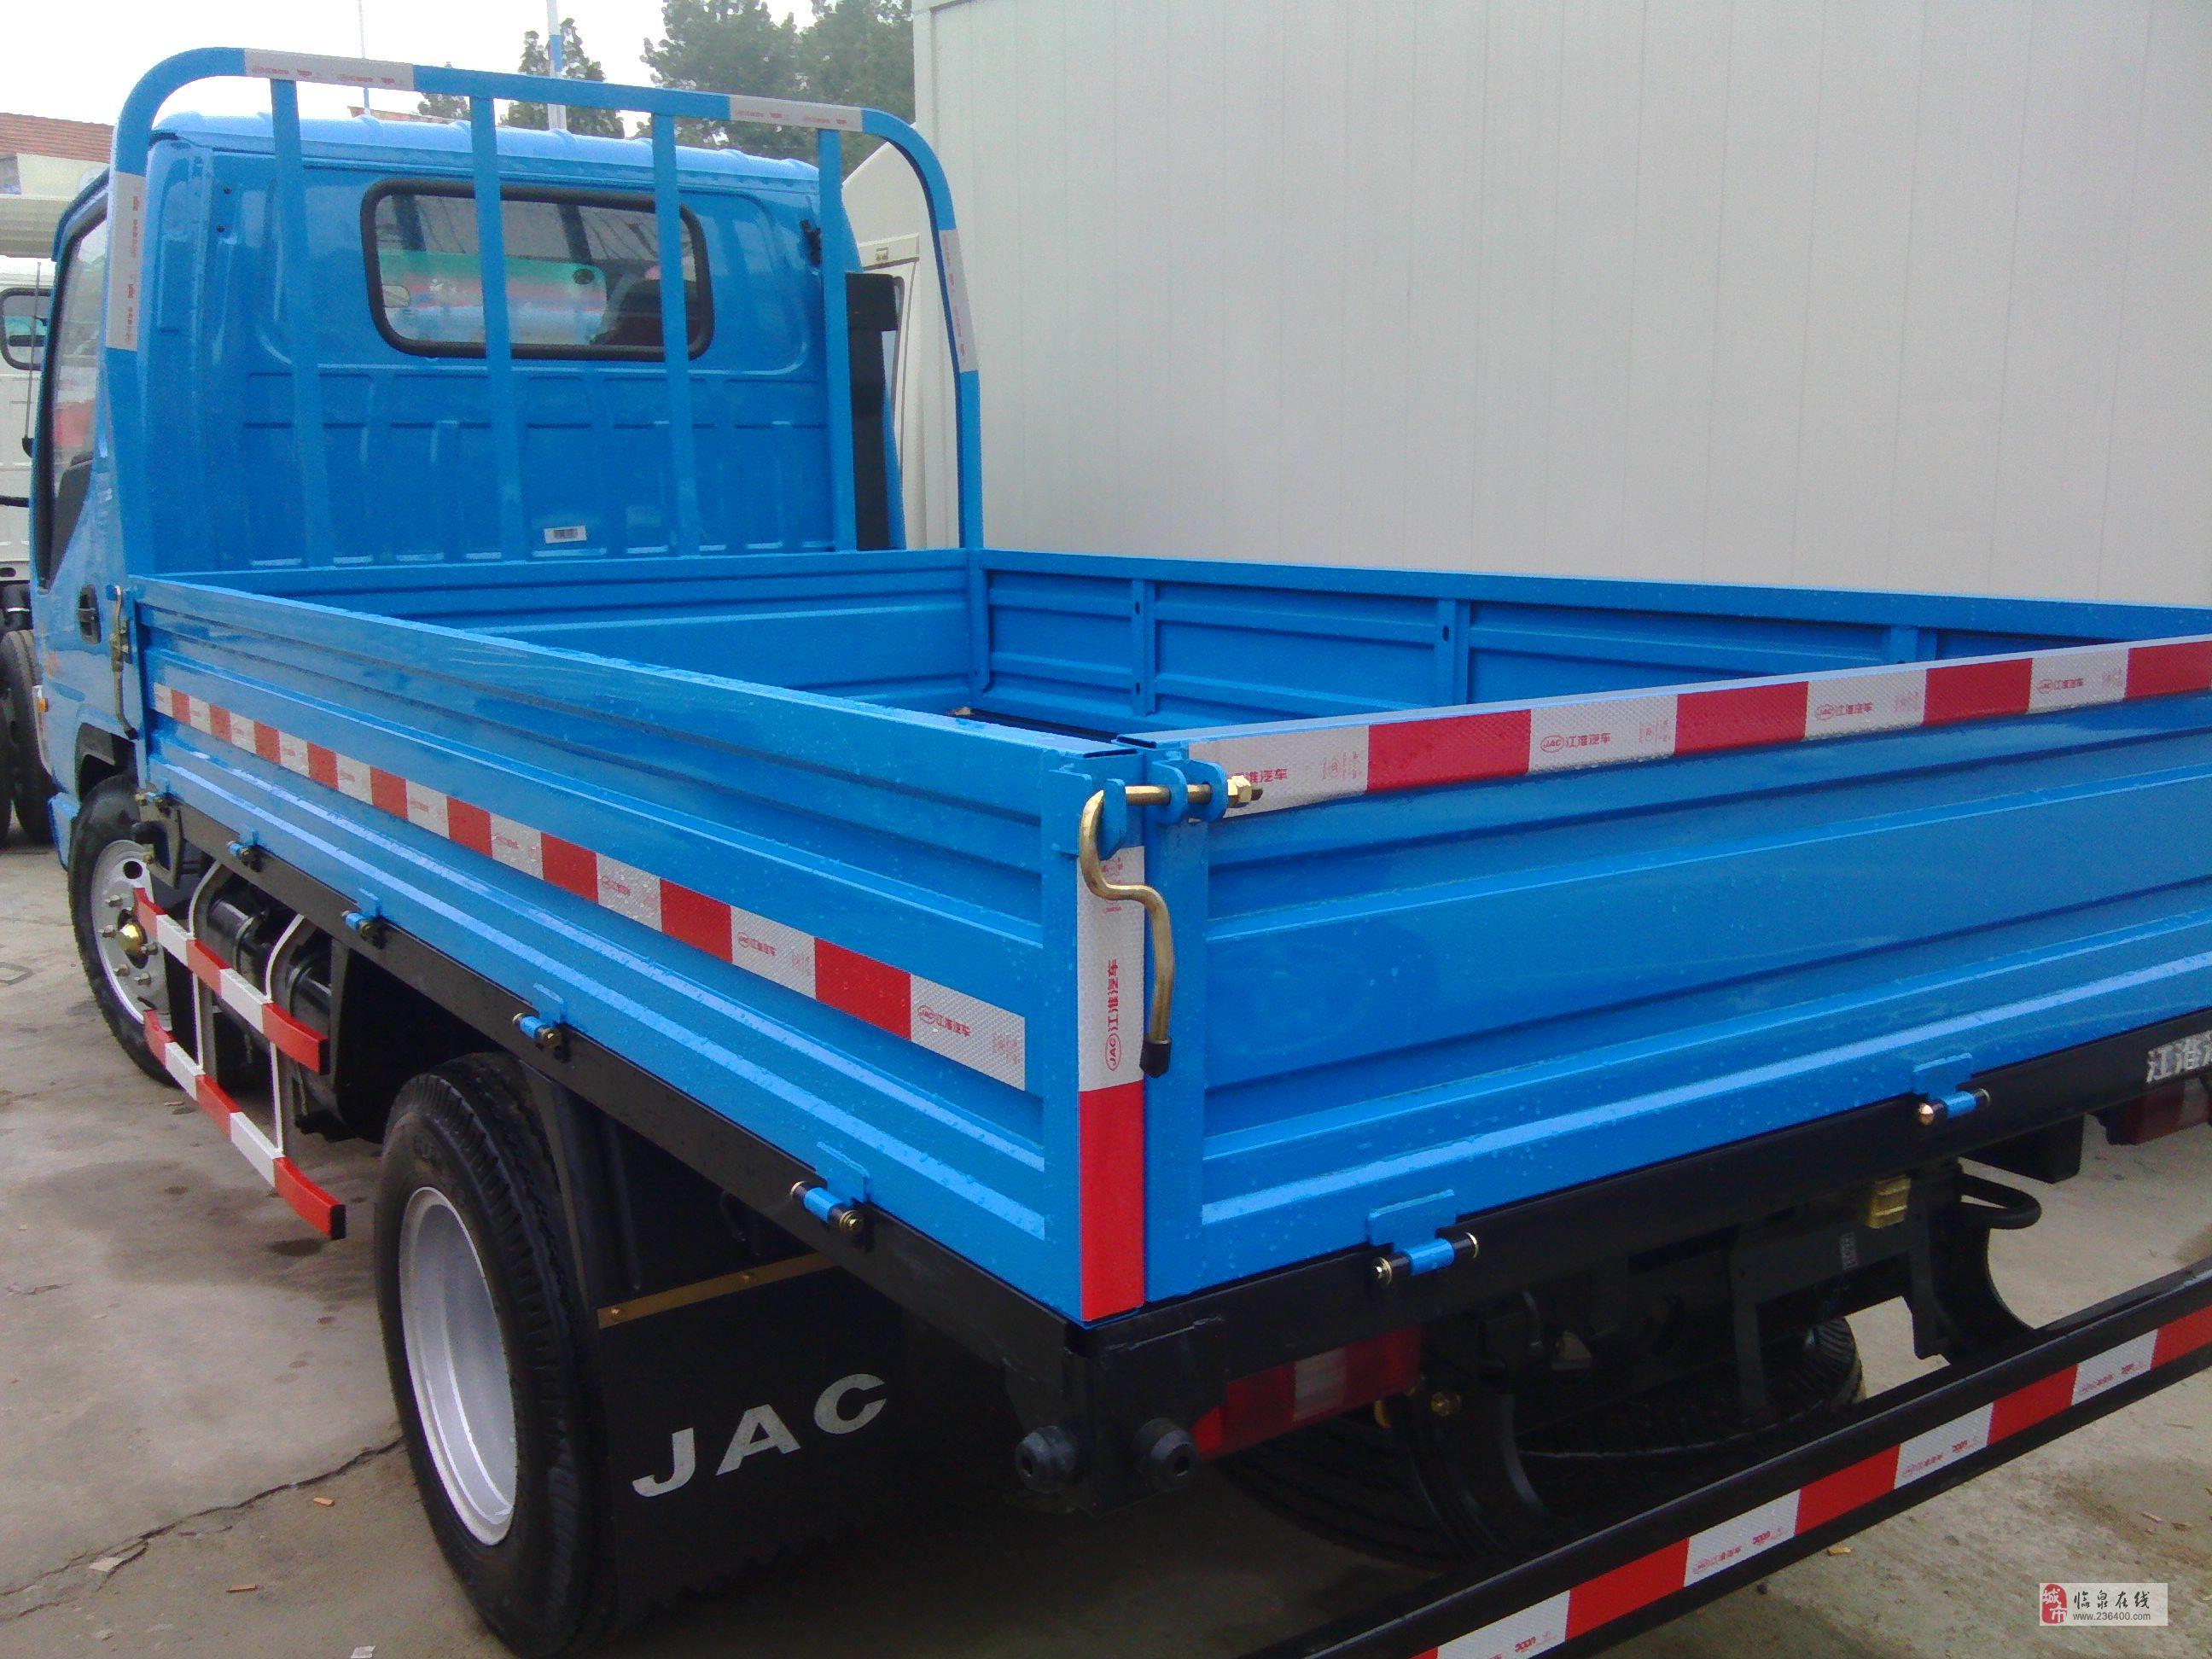 江淮全柴485一排半3米斗货车一部,全新未上户,因本人家中原因高清图片